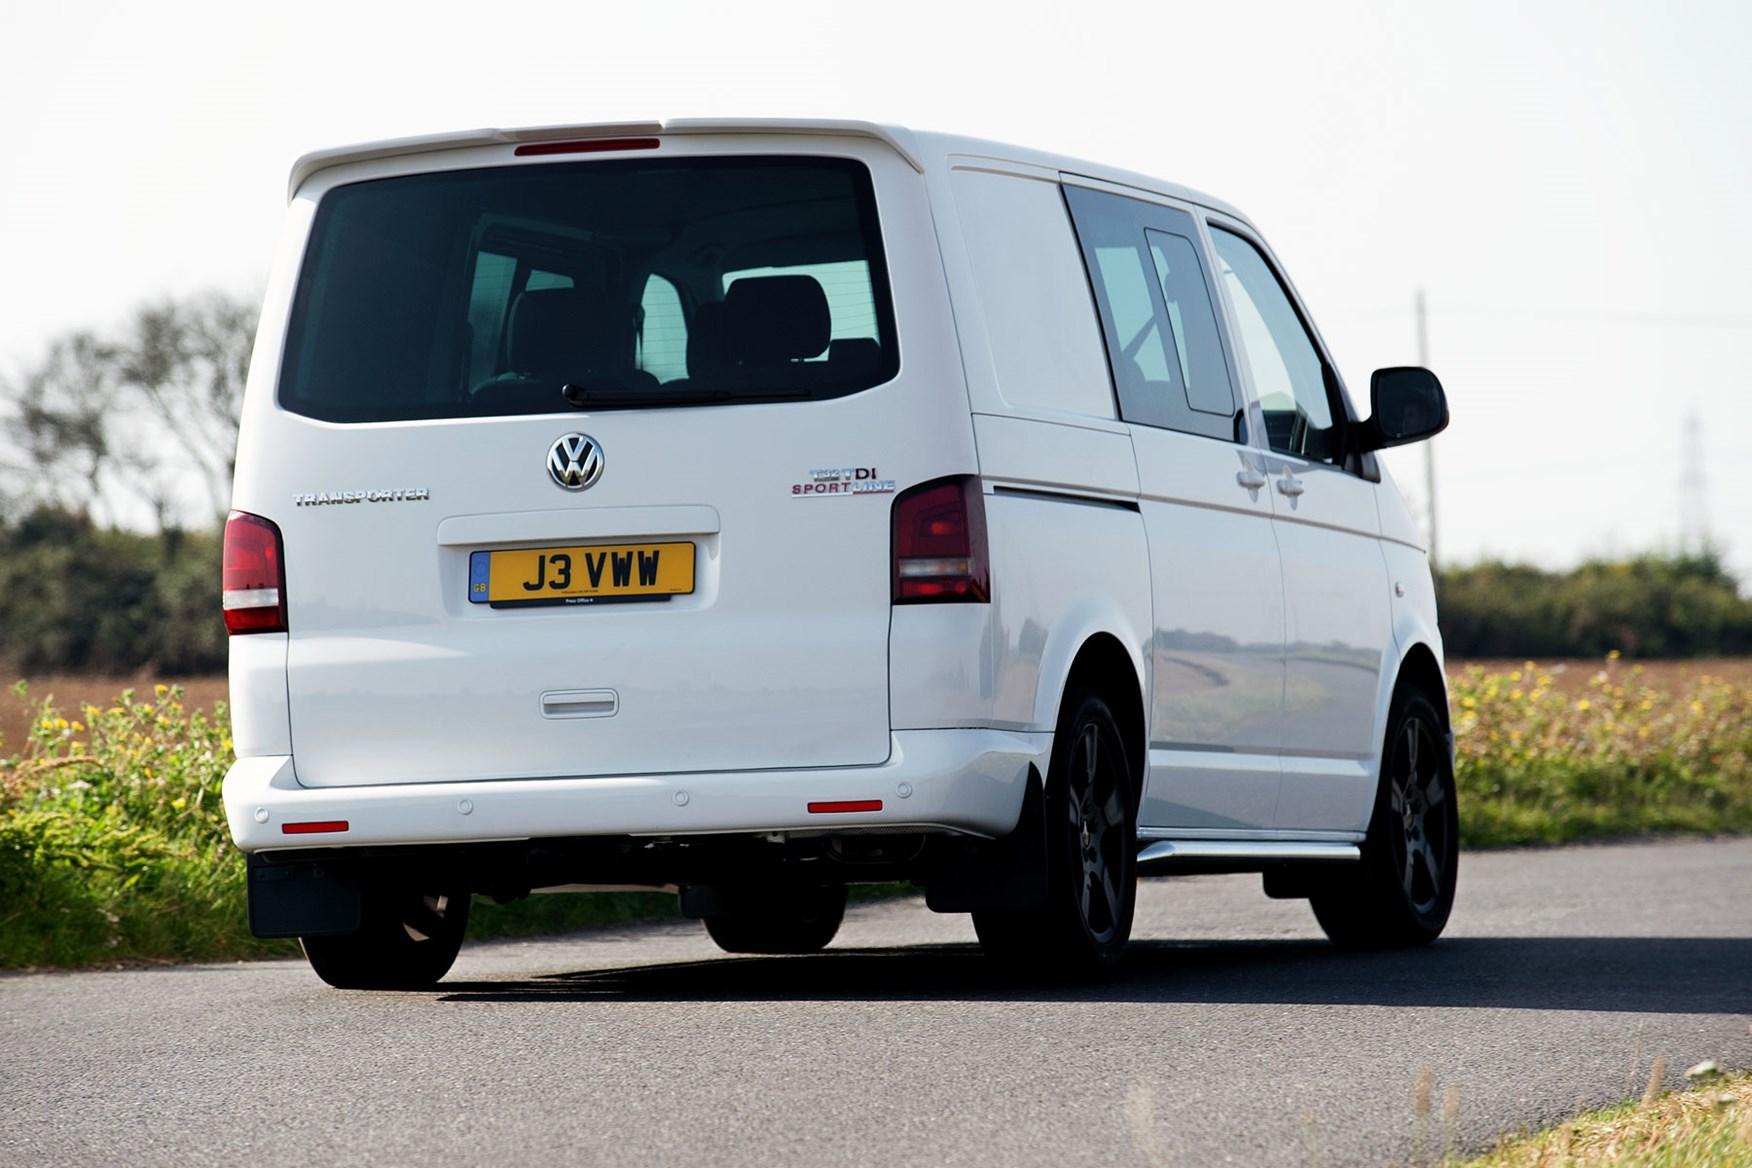 VW Transporter T5 (2010-2015) Sportline driving rear